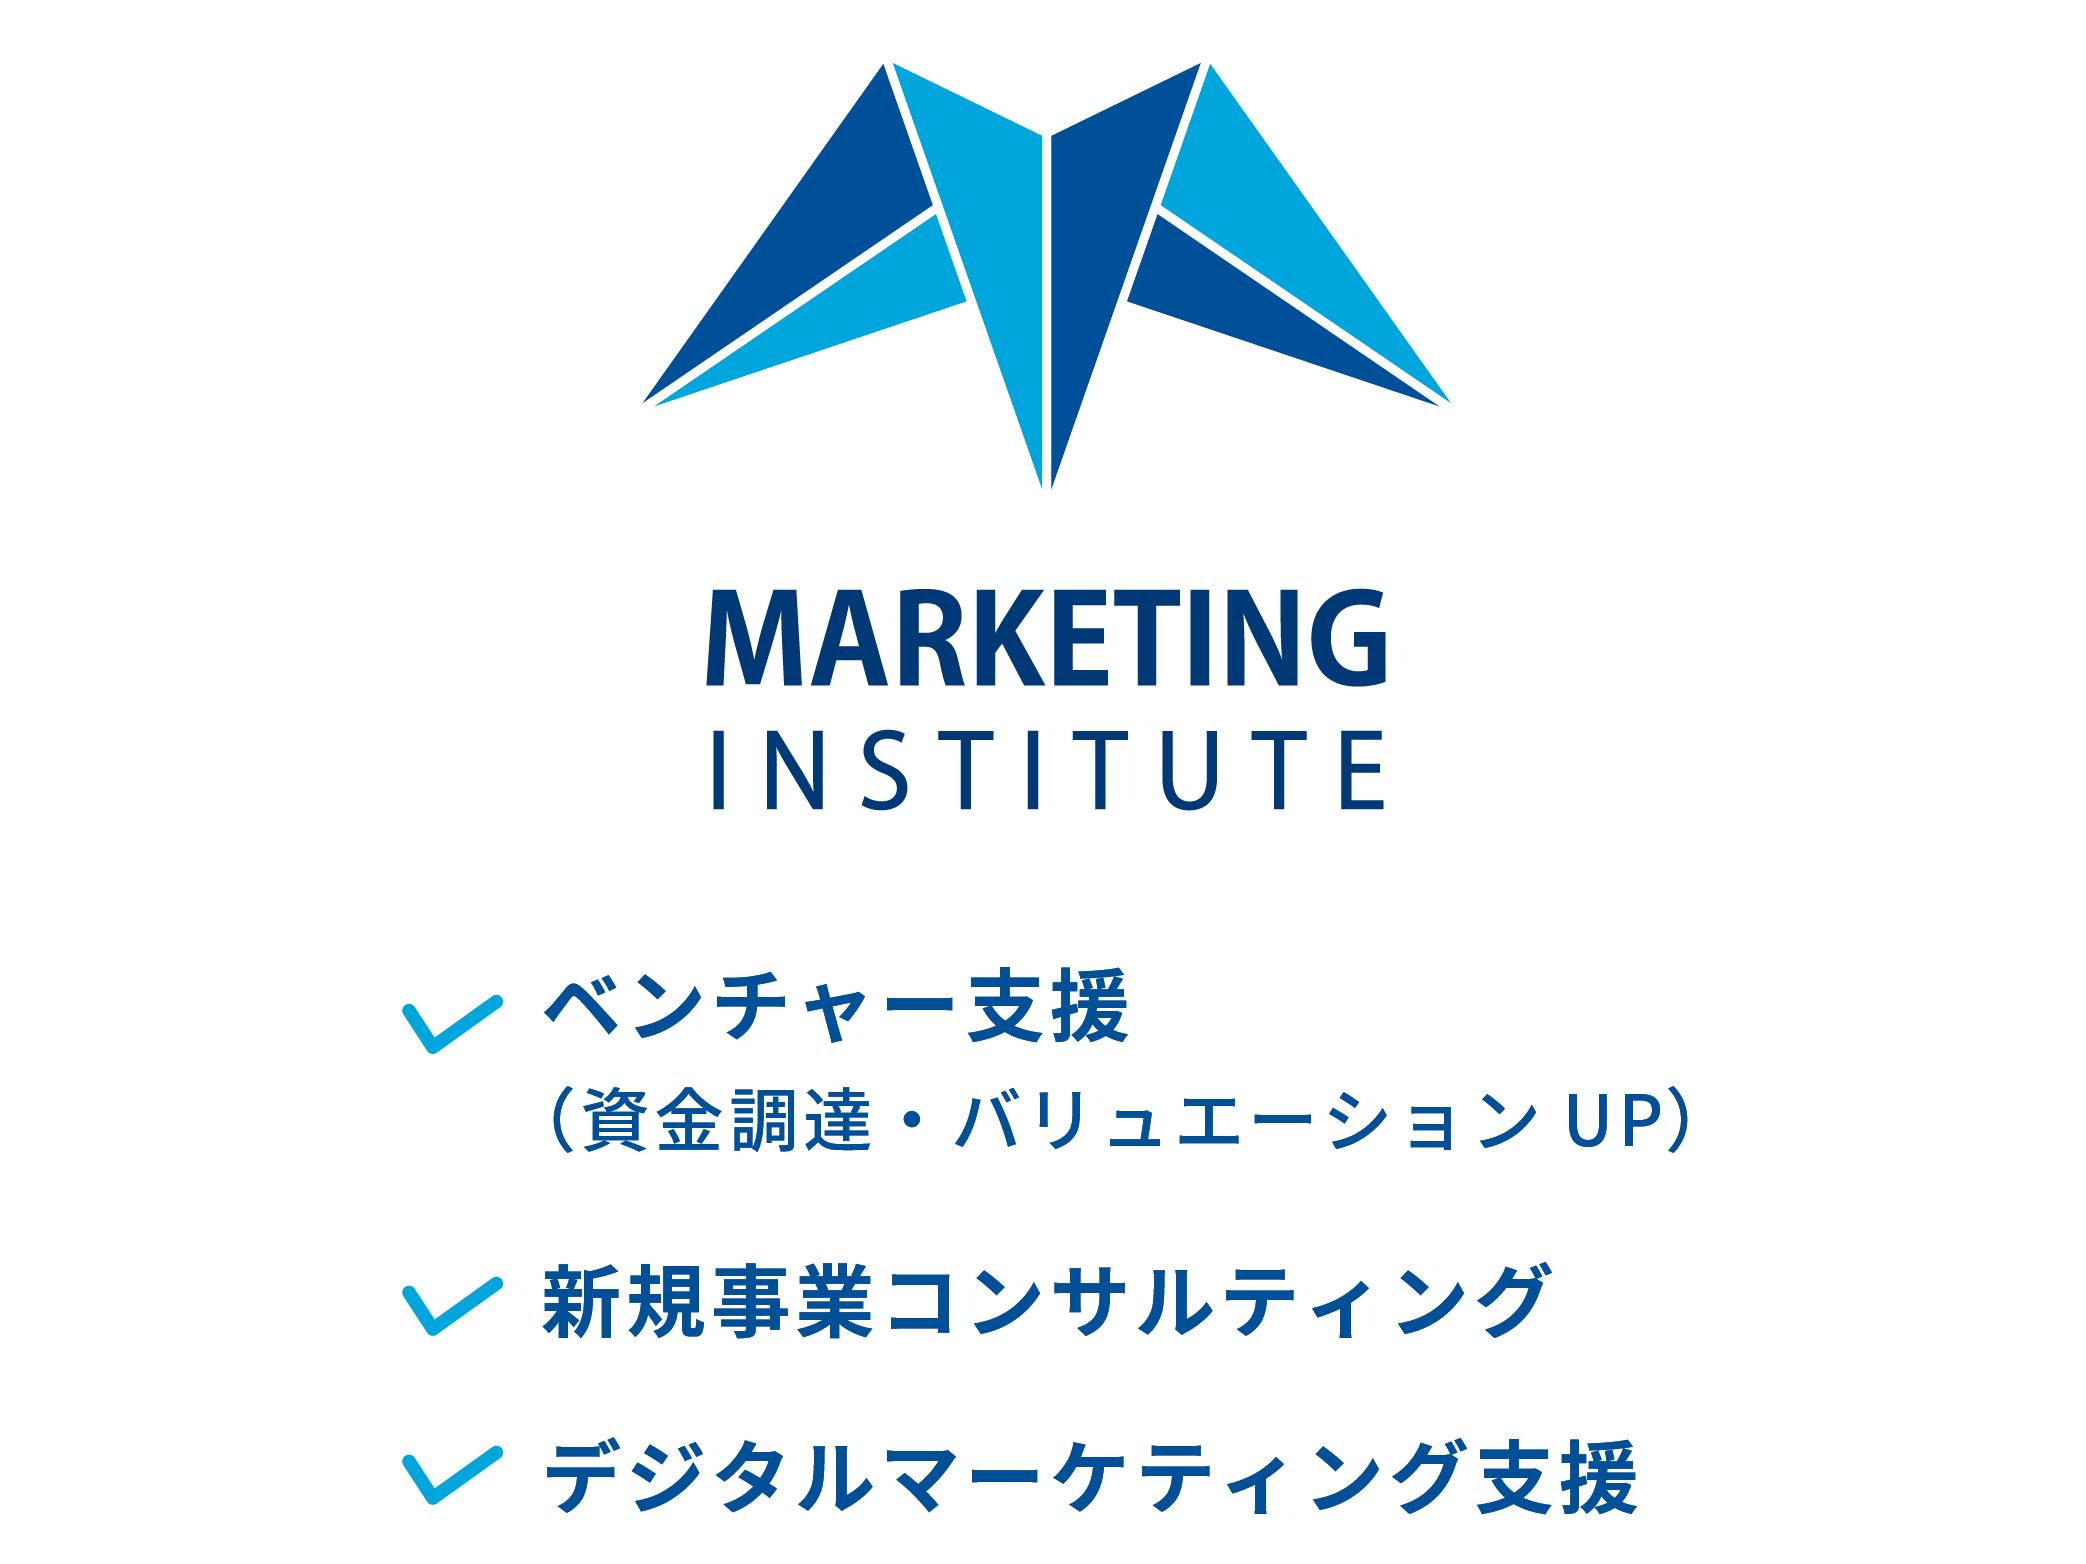 ベンチャー支援(資金調達・バリュエーションUPへ変更),新規事業コンサルティング,デジタルマーケティング支援